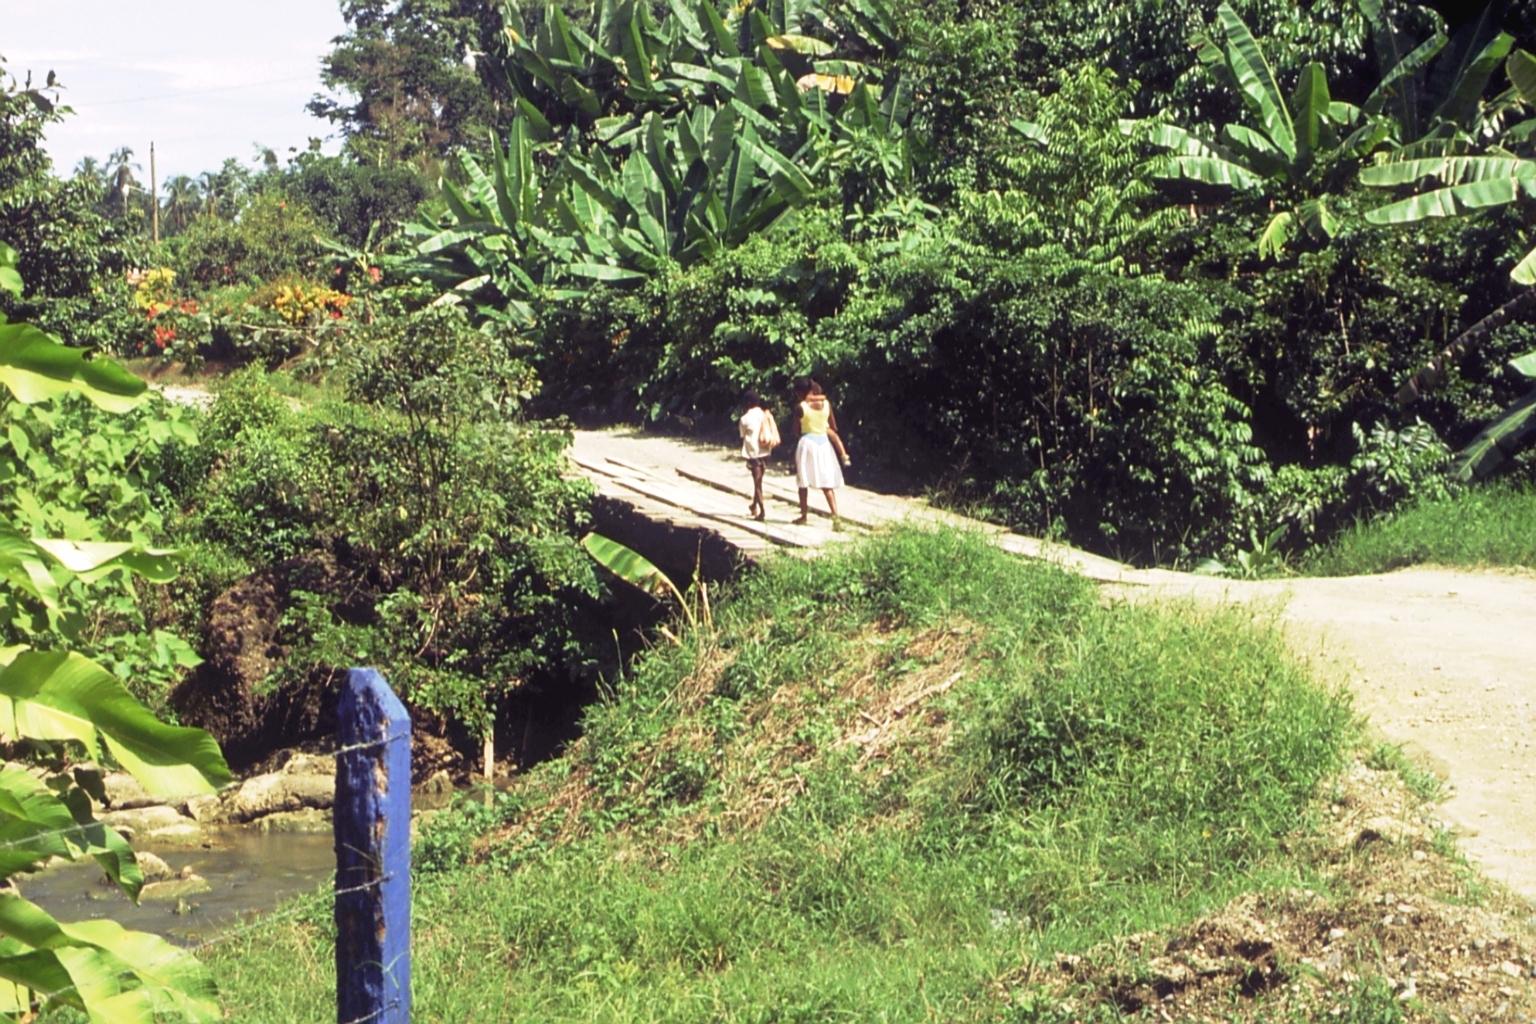 1991 caminando en puente Rio Negro.jpg